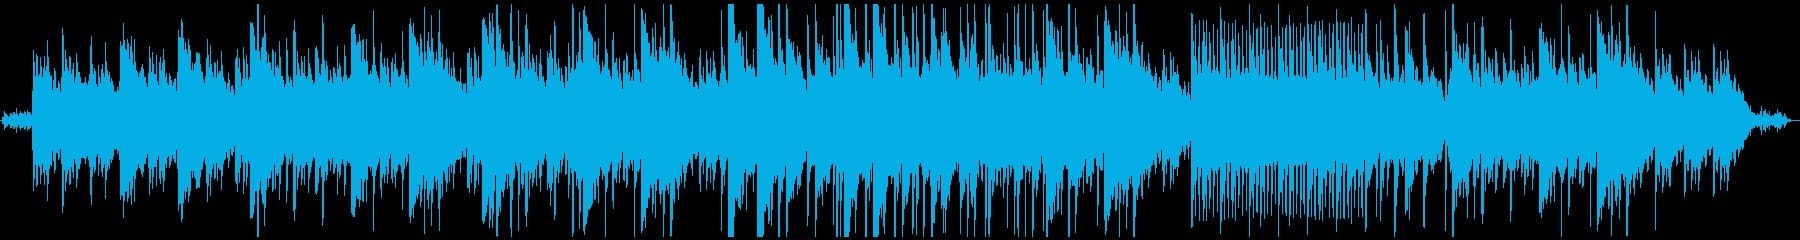 水音と優しいピアノのヒーリング音楽の再生済みの波形